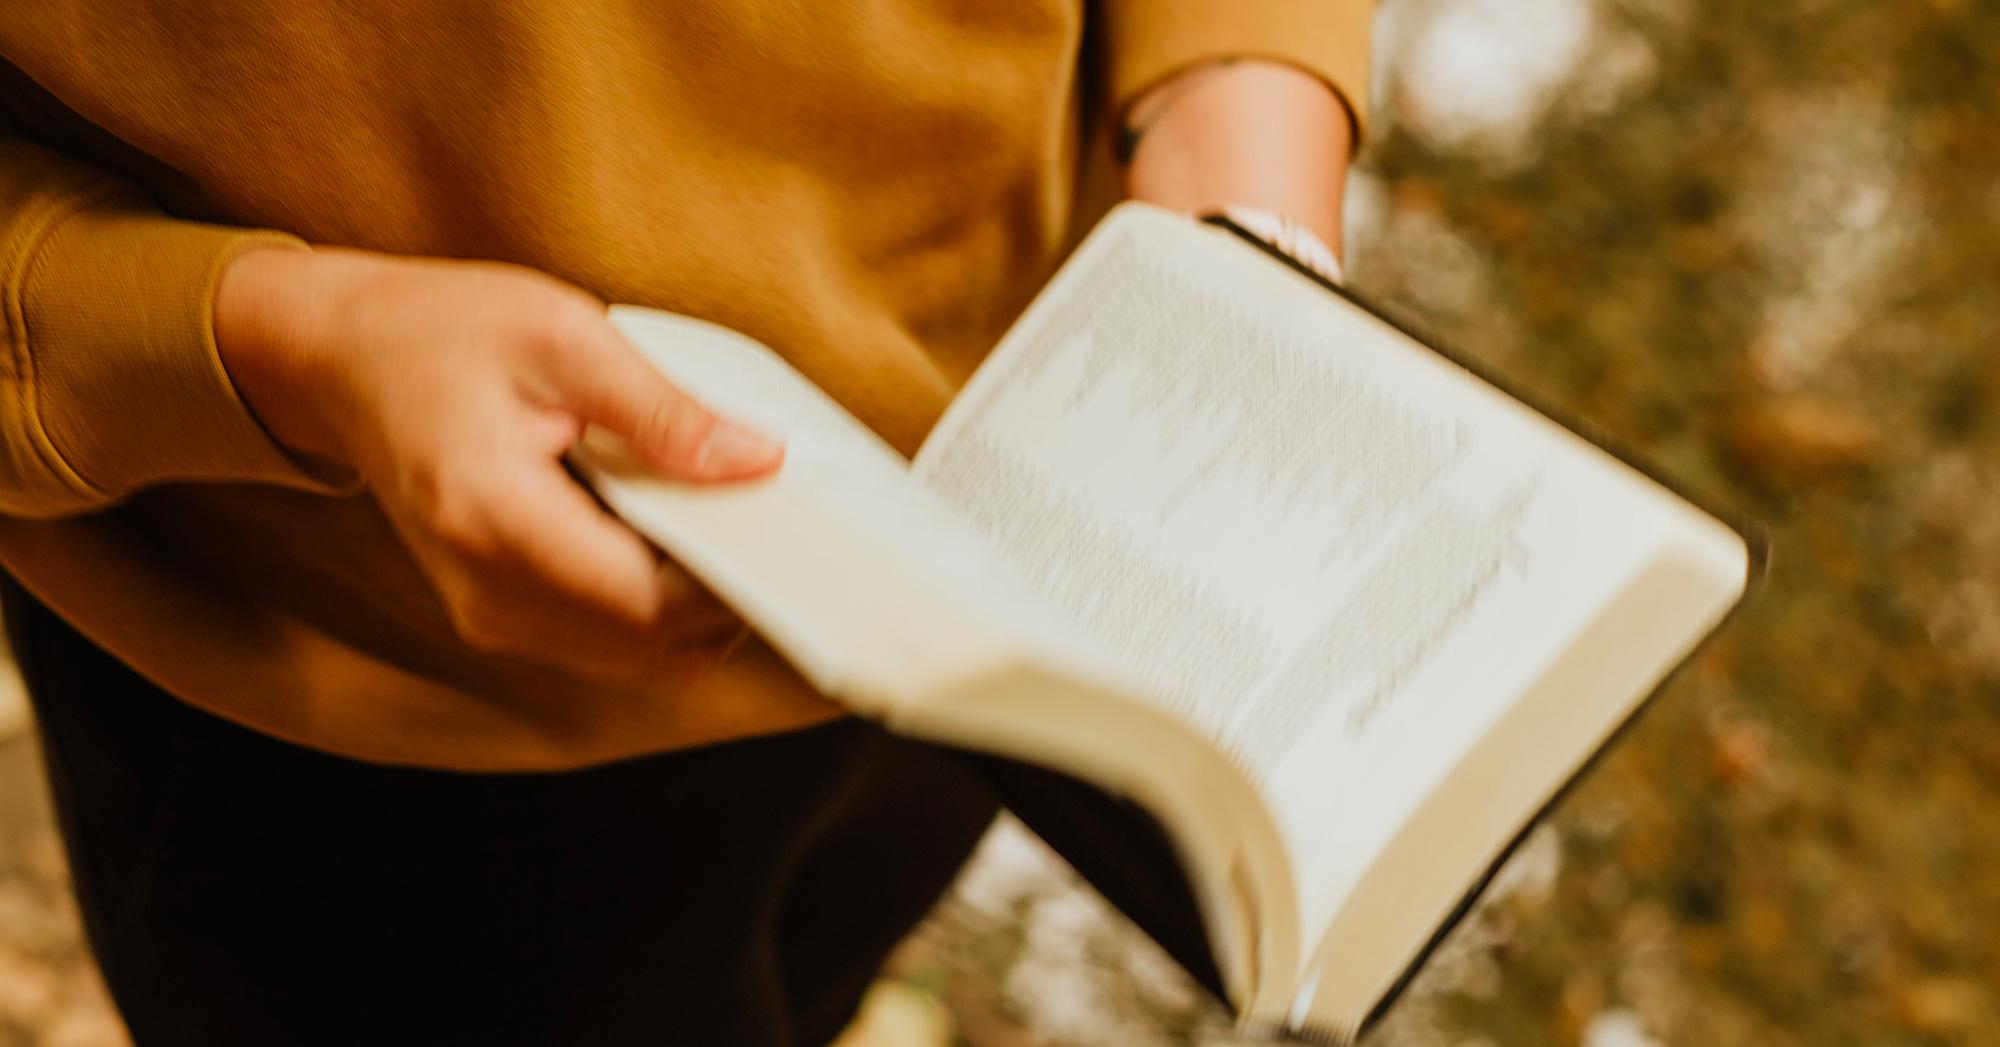 Libro aperto tra le mani di una ragazza